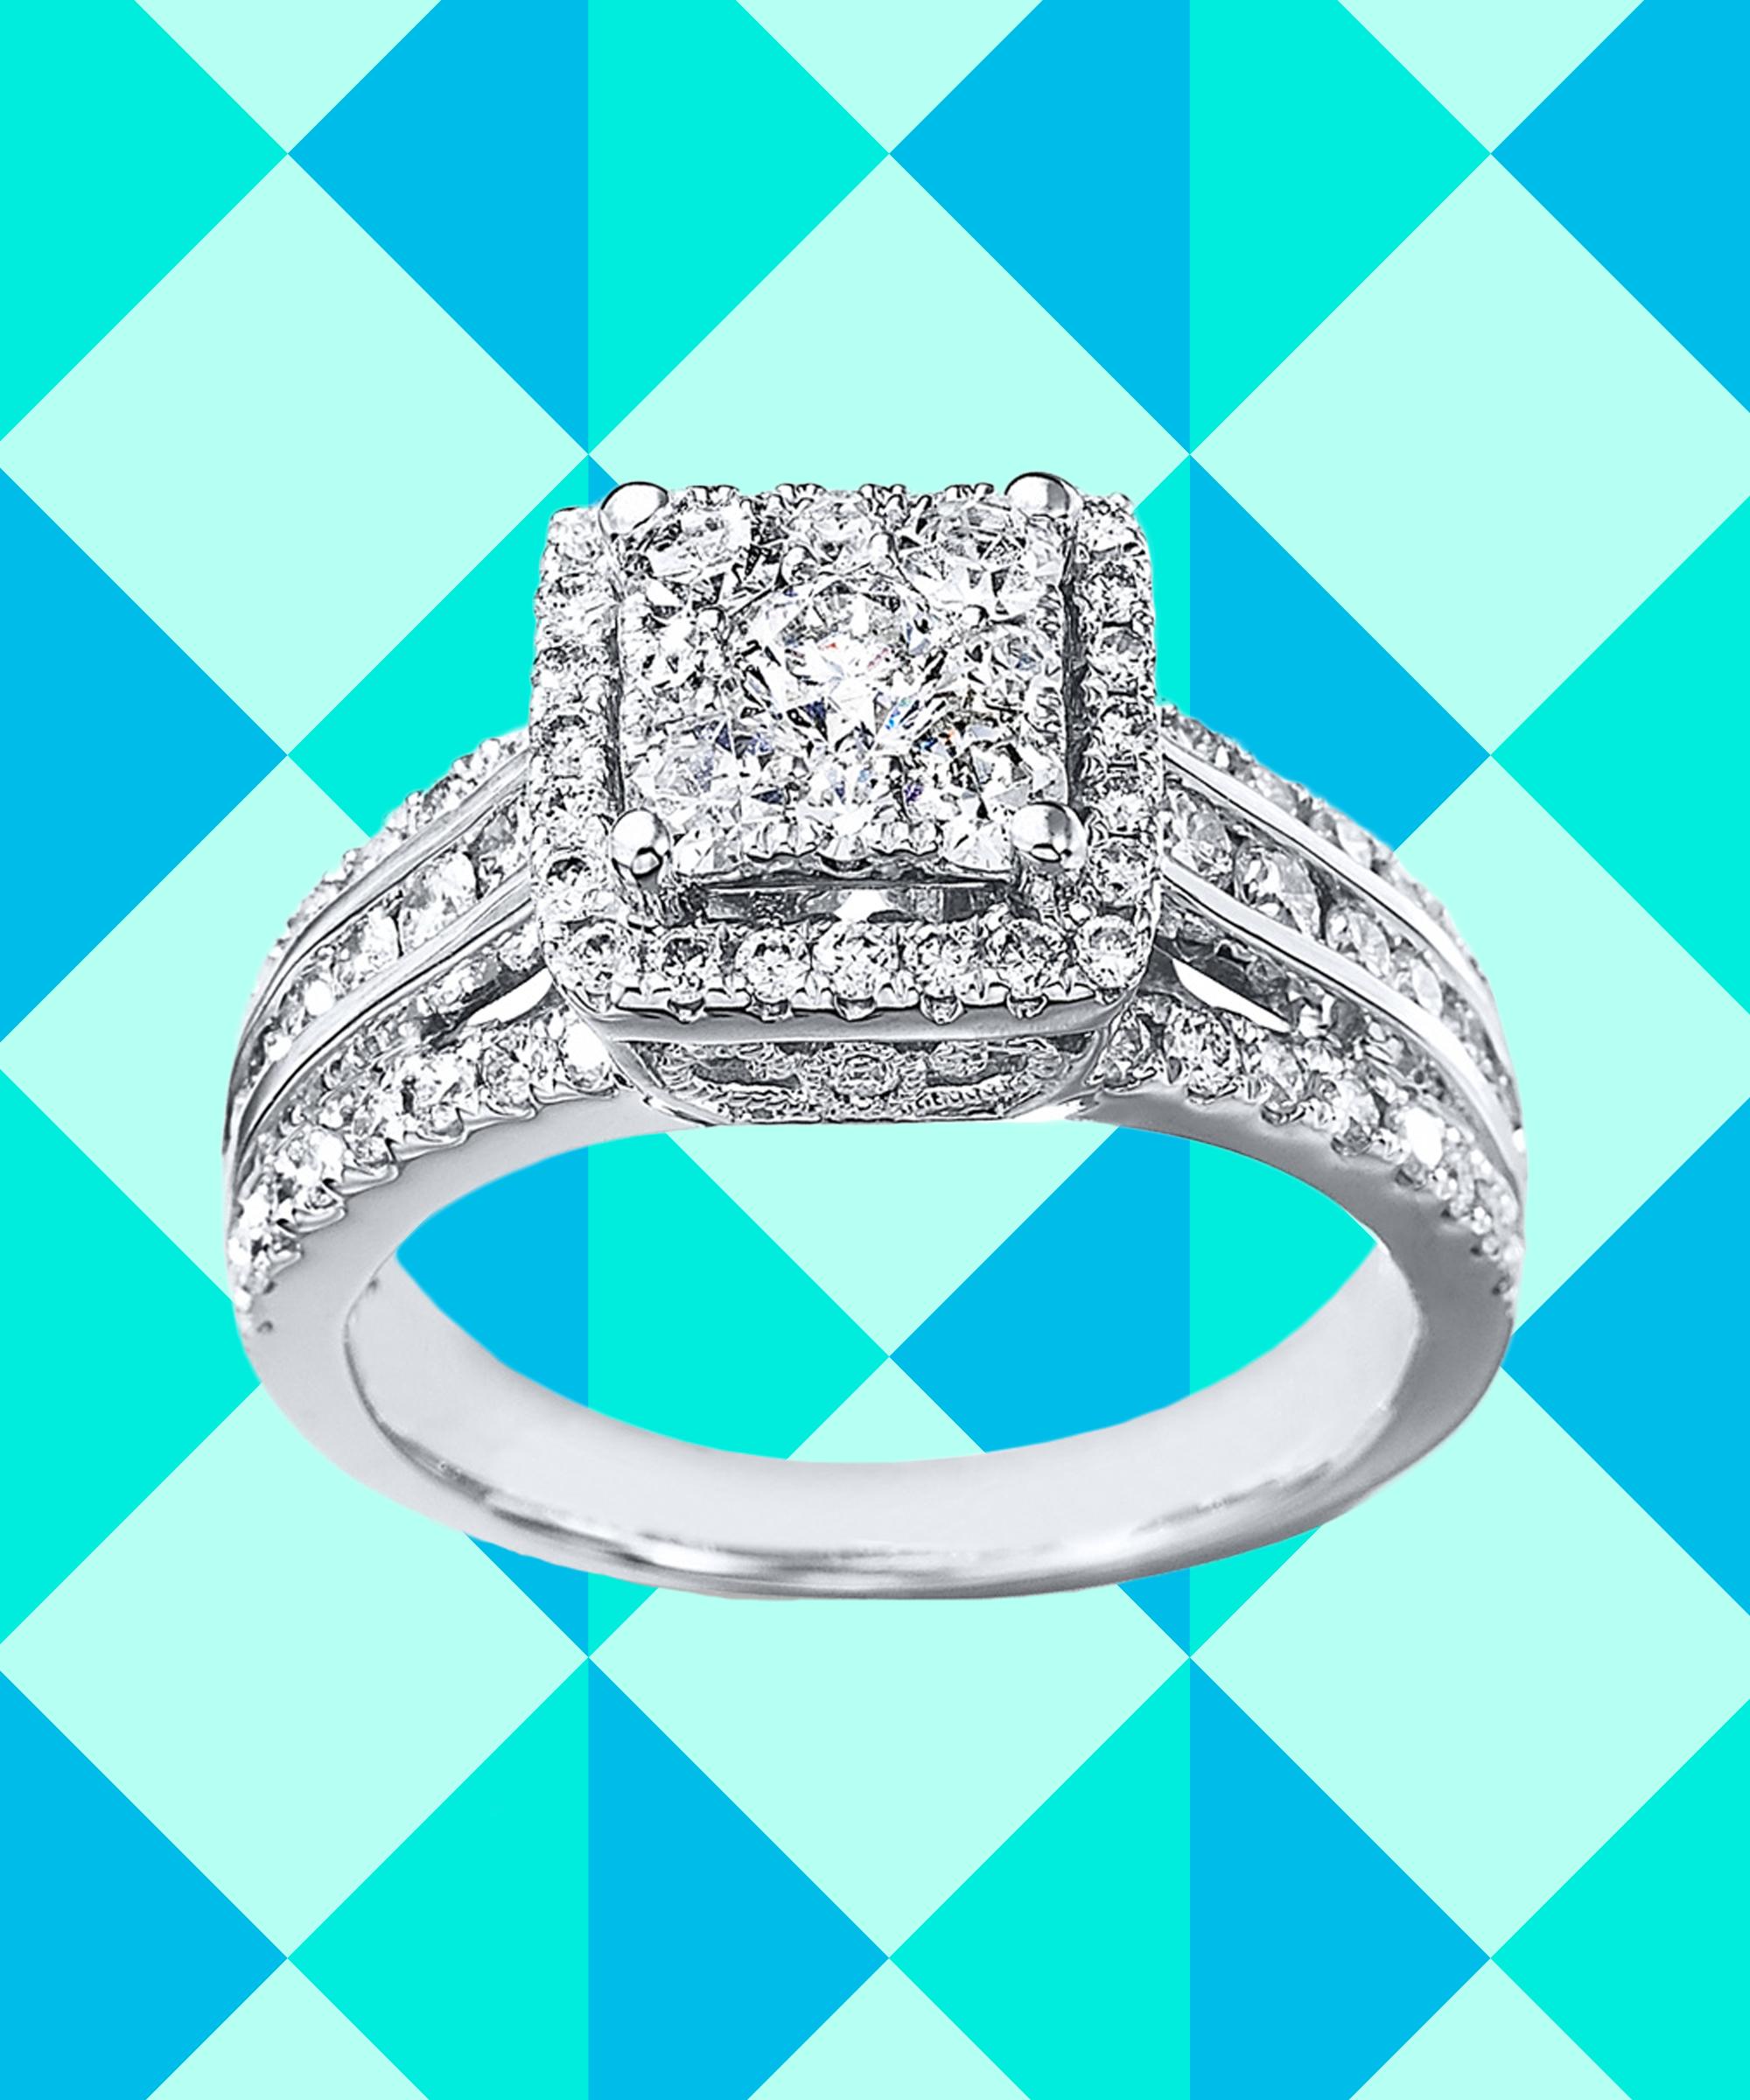 Kay Jewelers Loses Rings Brought In For Repair